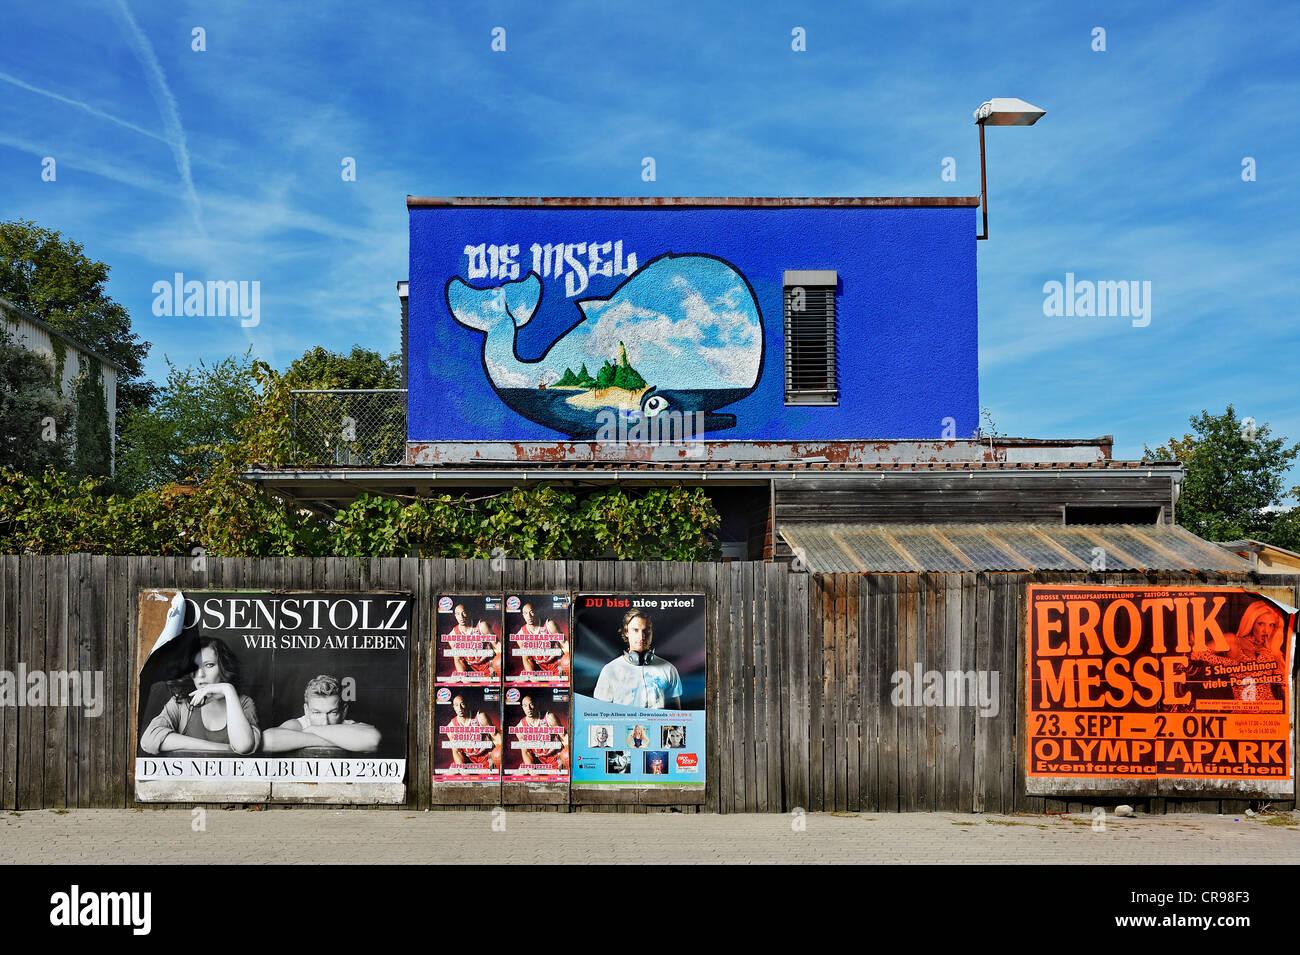 Die Insel, einem Club in der Kultfabrik Komplex, Berg am Laim, München, Bayern, Deutschland, Europa Stockbild